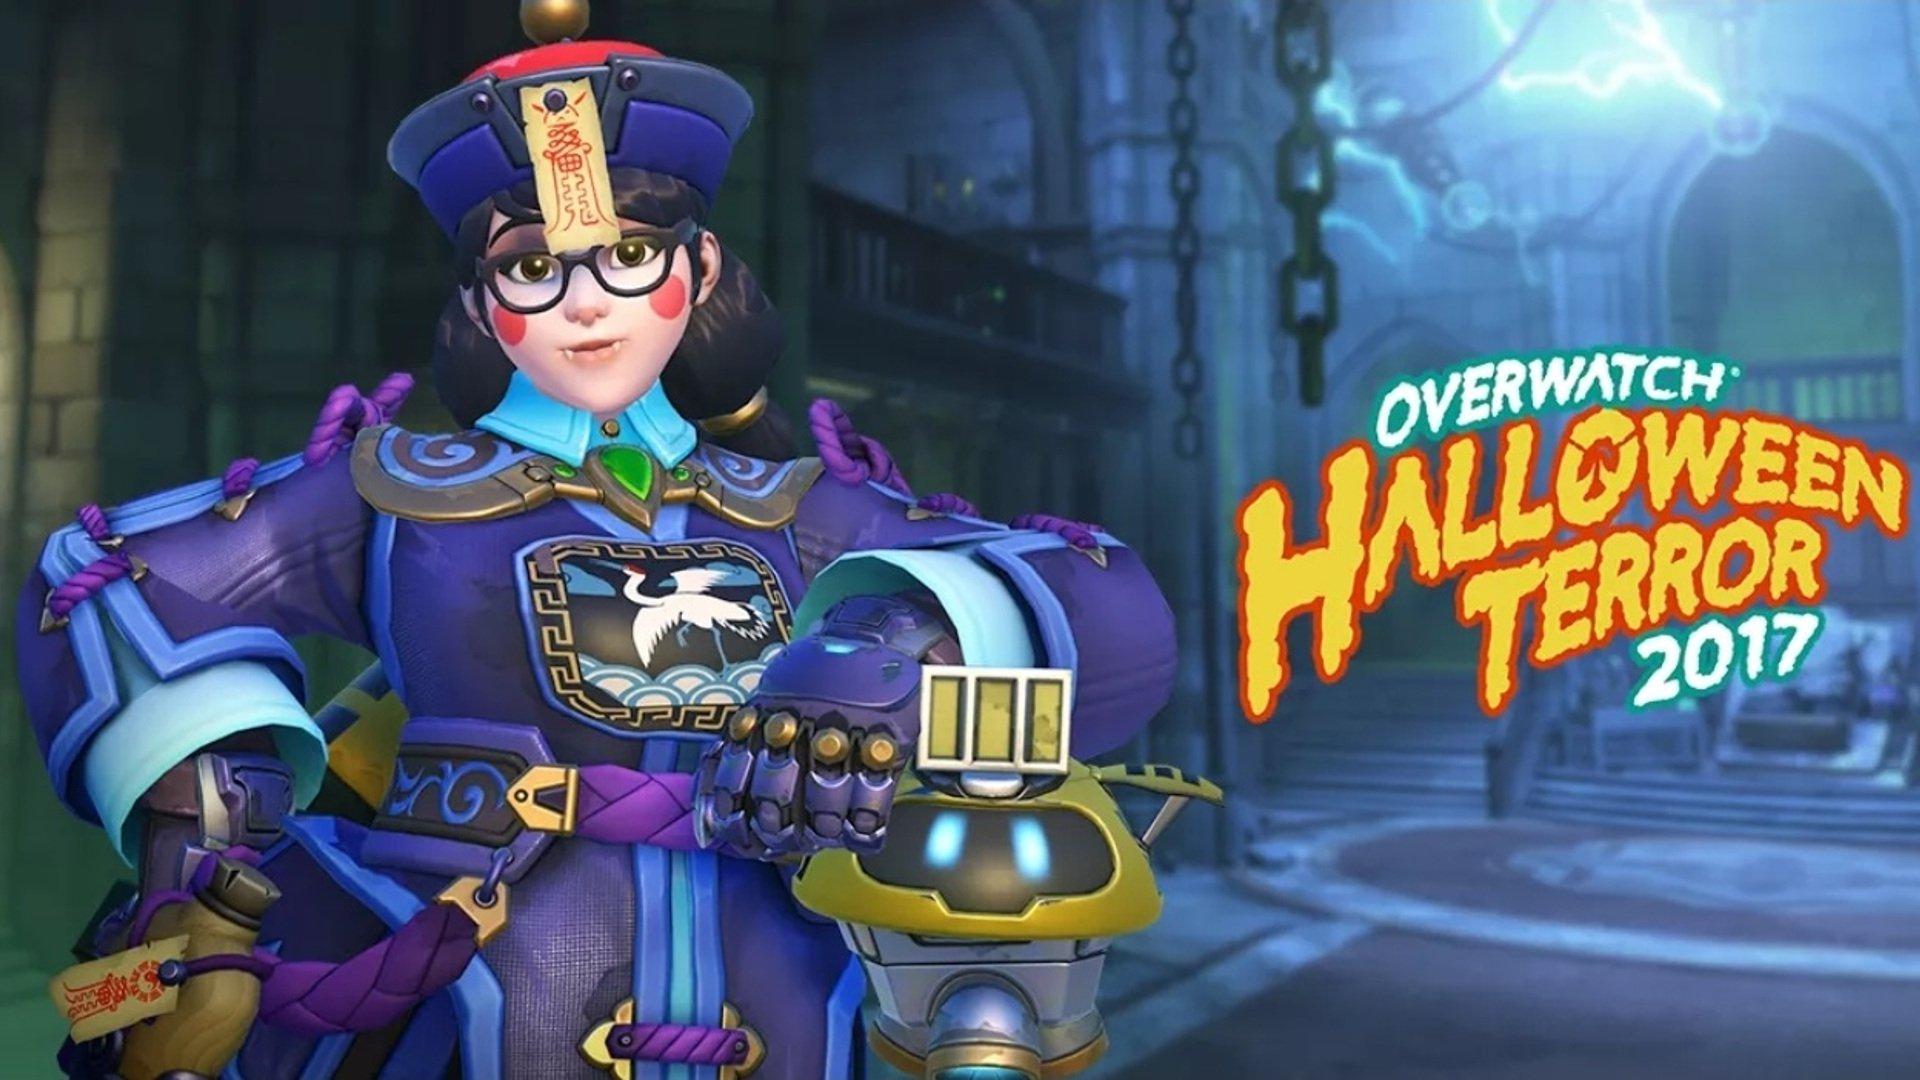 Overwatch: Terror de Halloween 2017 ya está disponible!